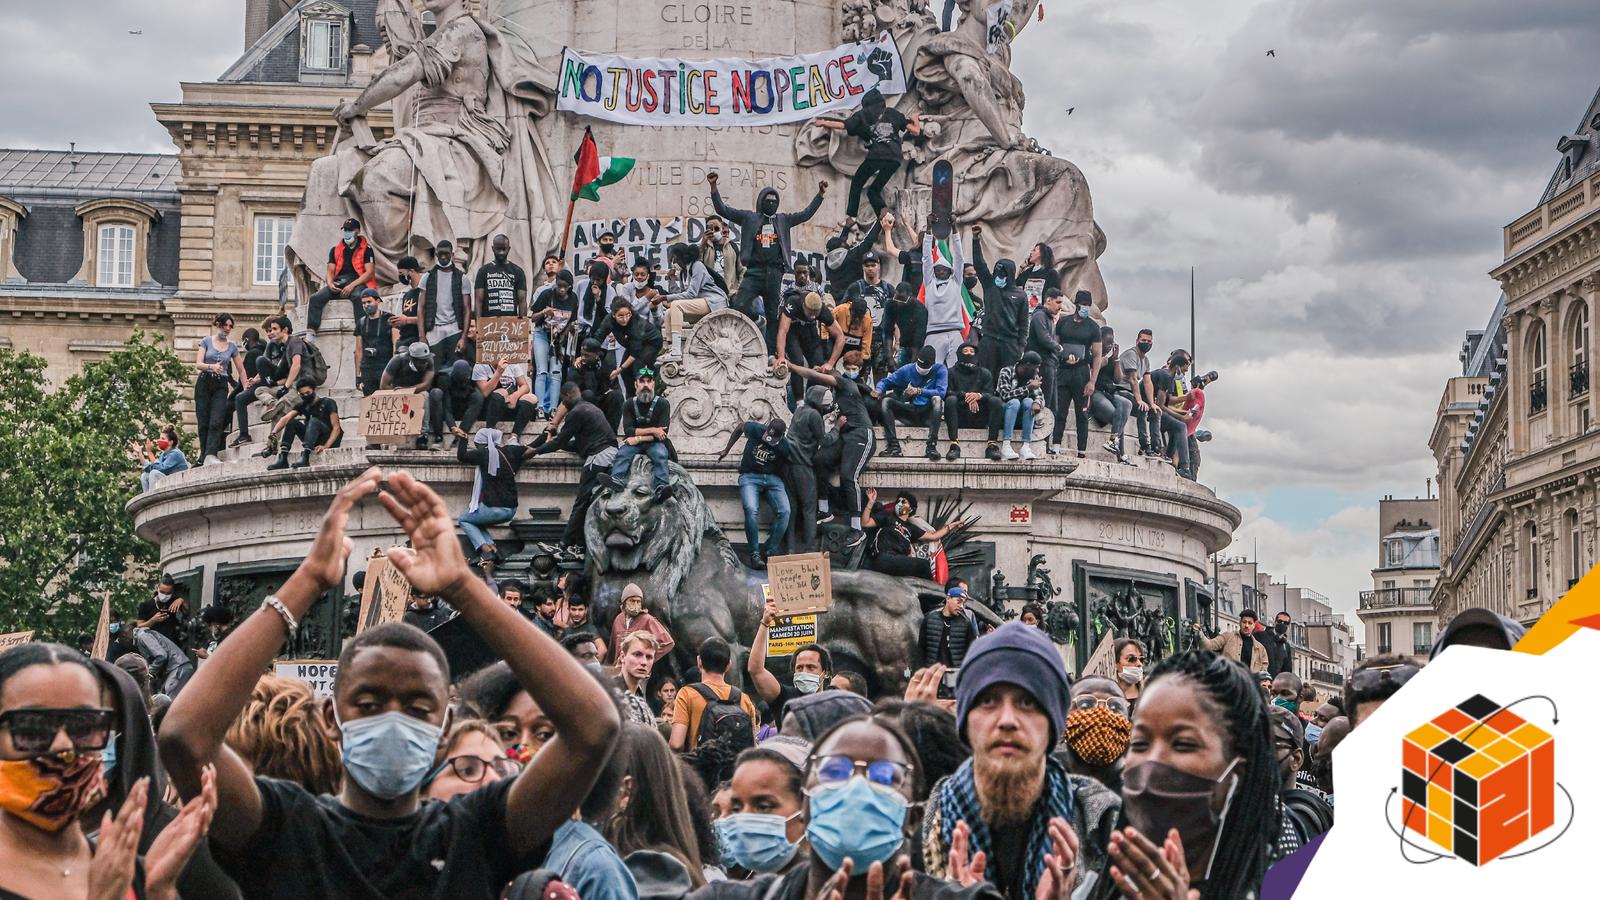 Black Lives Matter protest in Paris turns violent